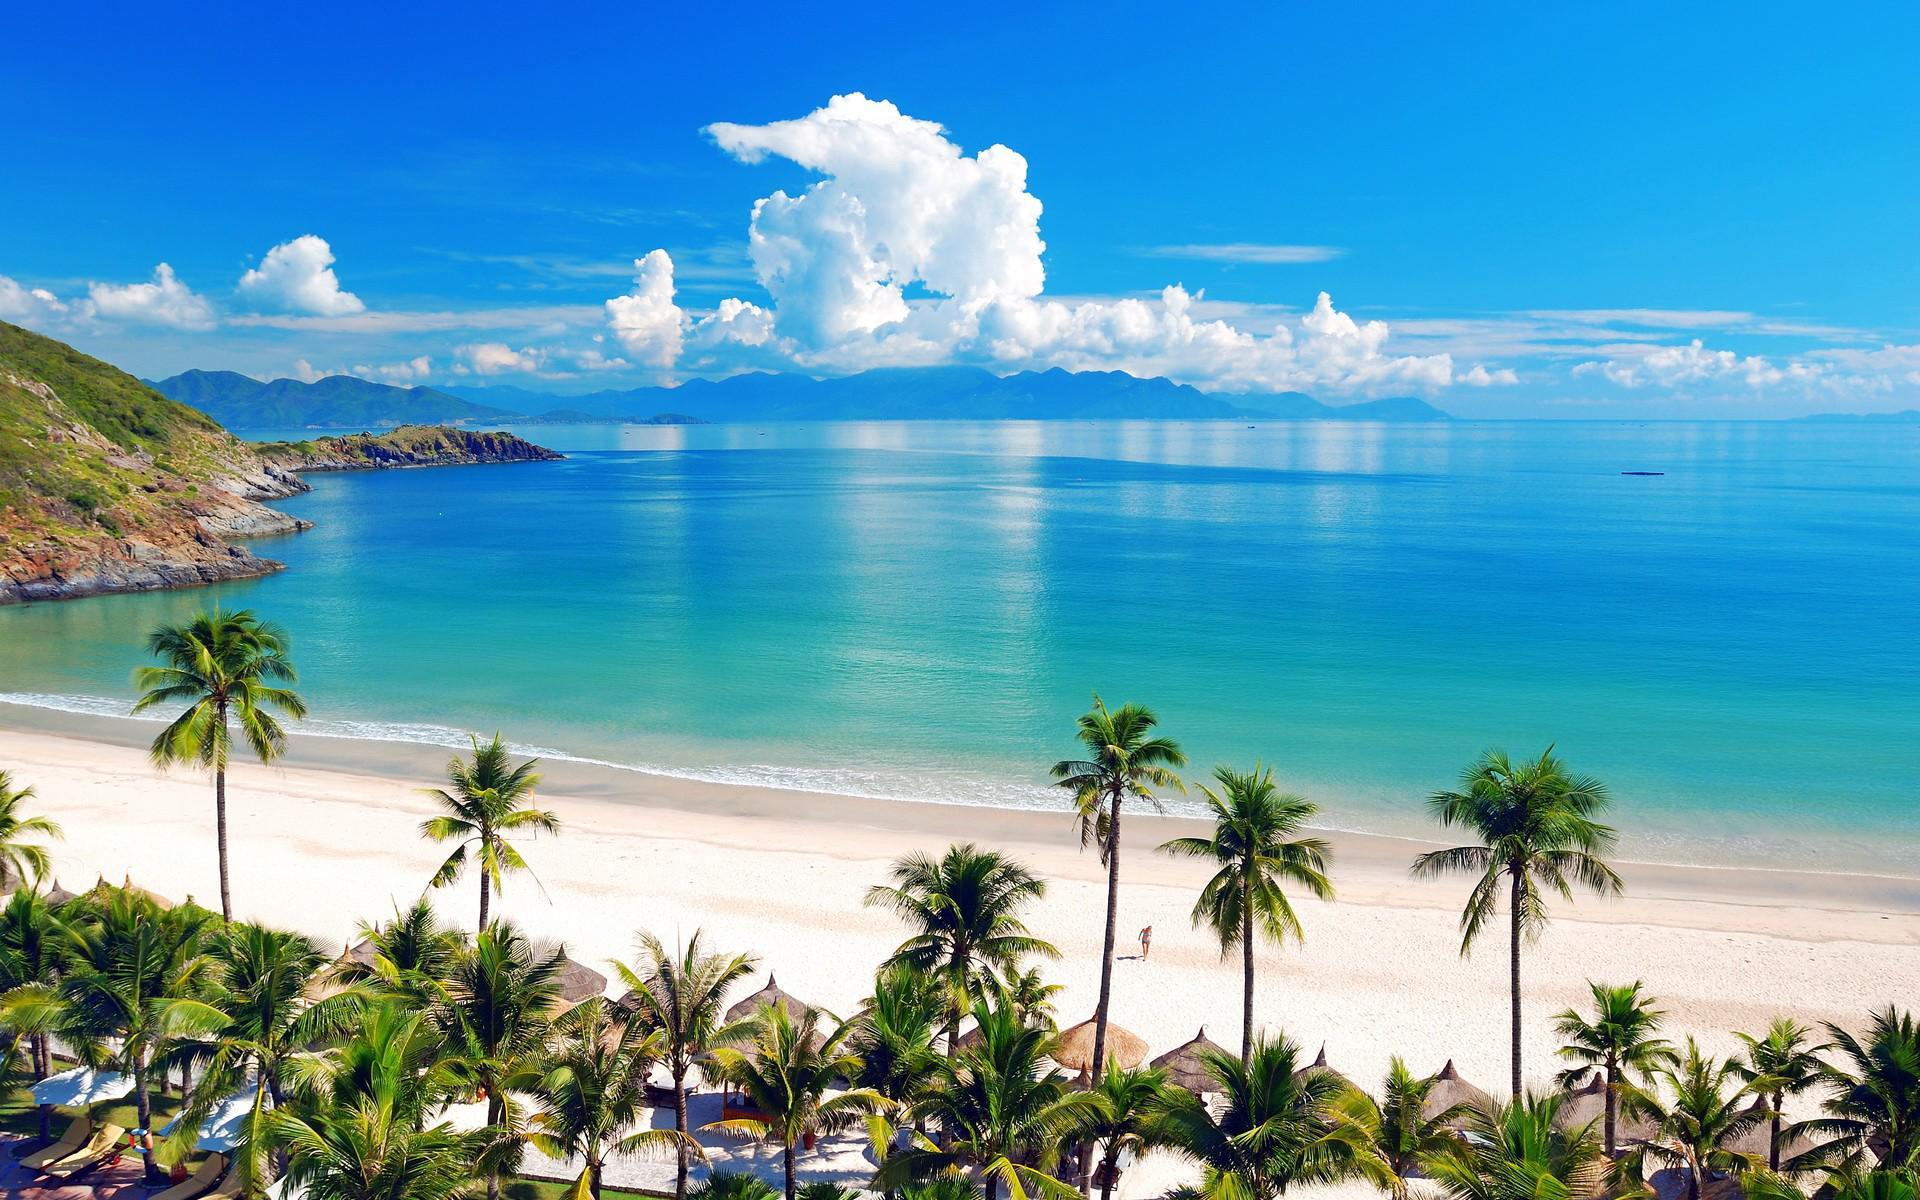 Đặt mua vé máy bay tết Sài Gòn đi Nha Trang giá rẻ hấp dẫn